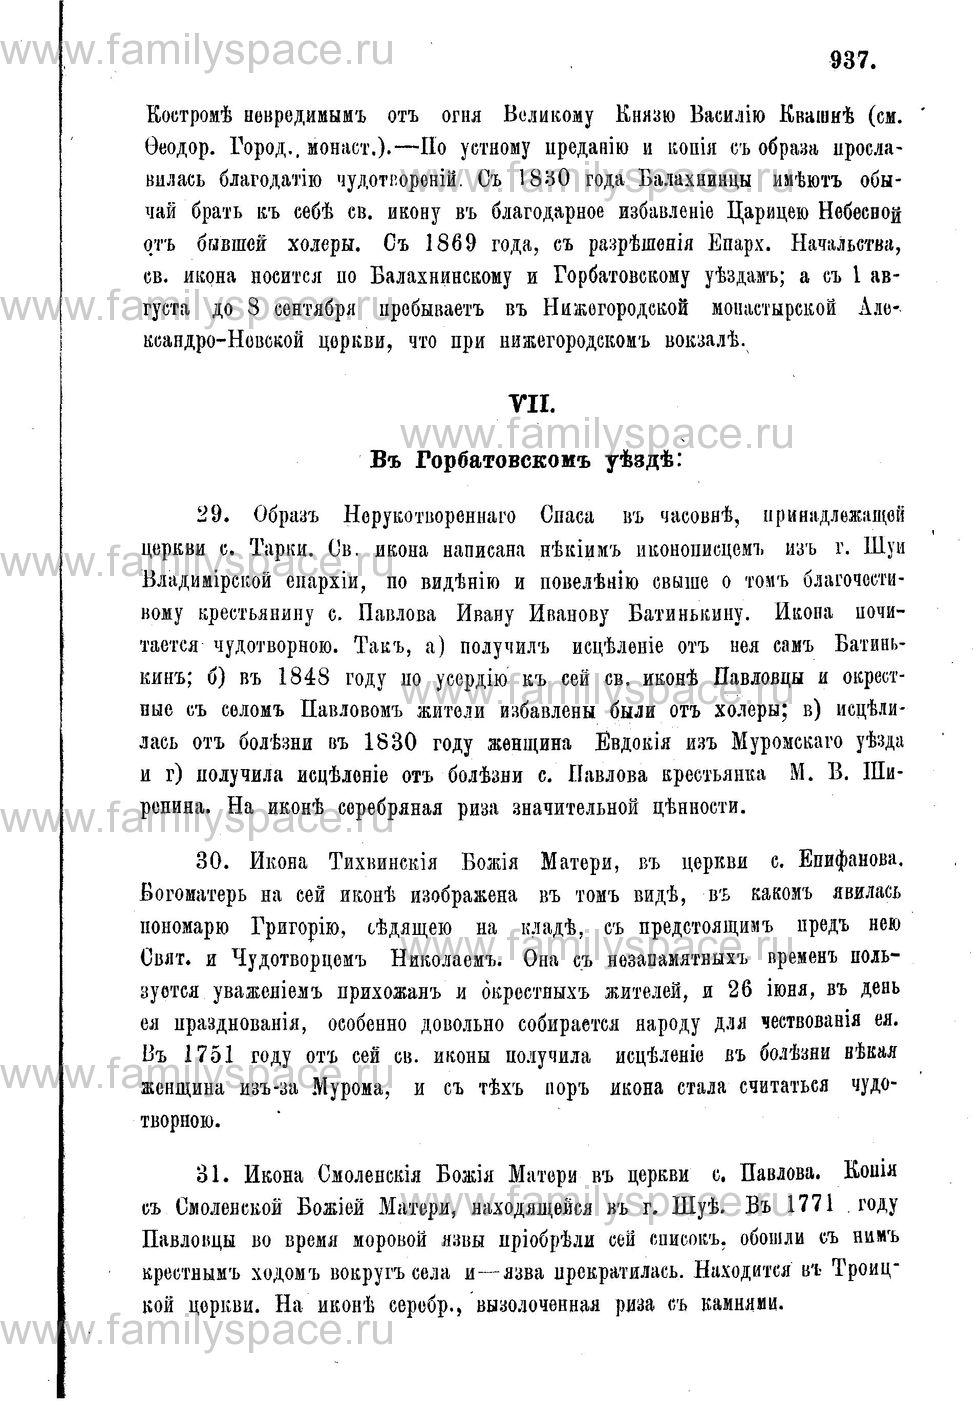 Поиск по фамилии - Адрес-календарь Нижегородской епархии на 1888 год, страница 1937